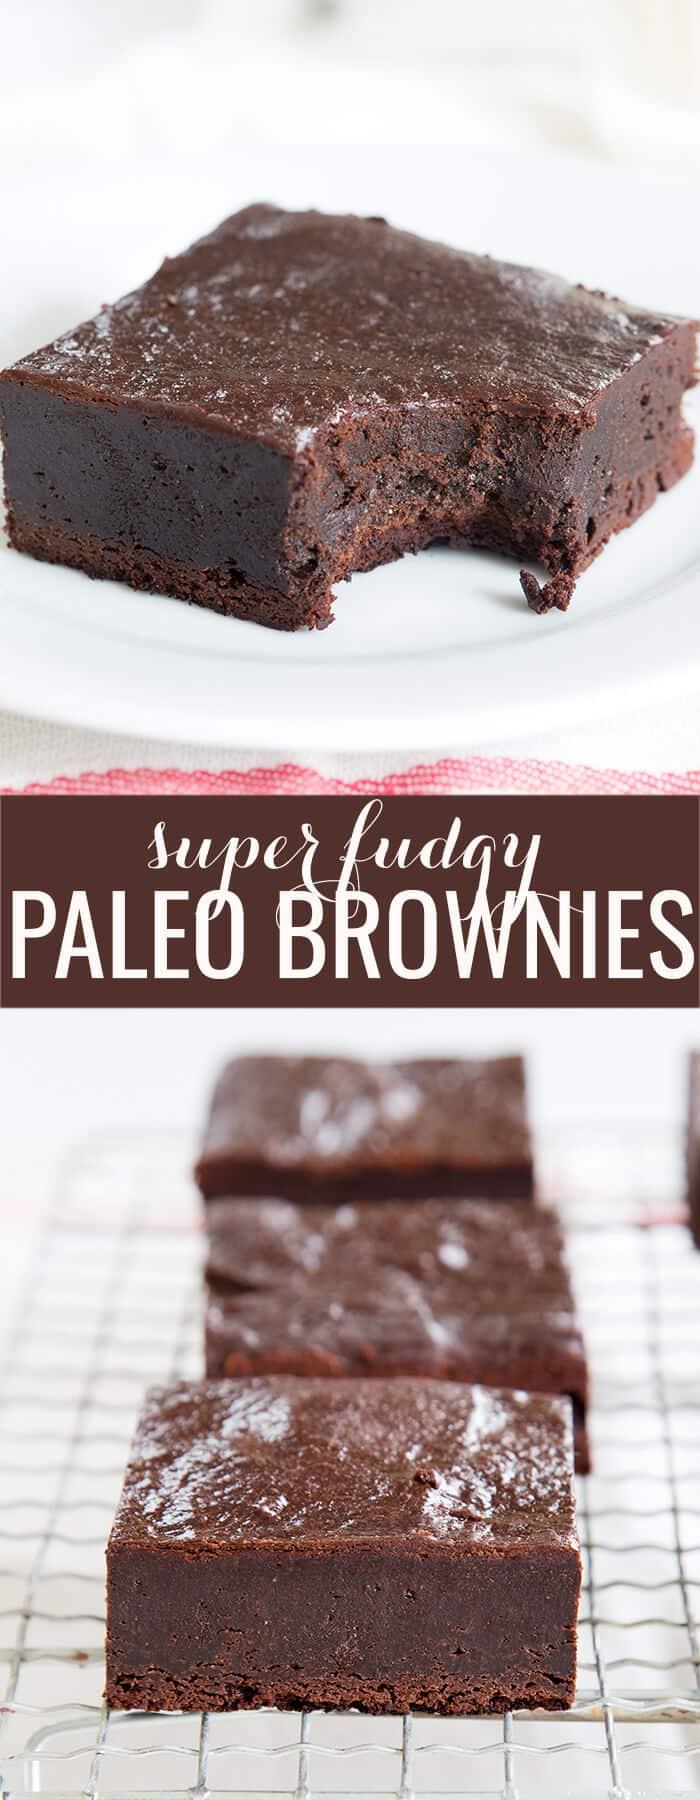 Brownie on white plate and brownies on metal tray below